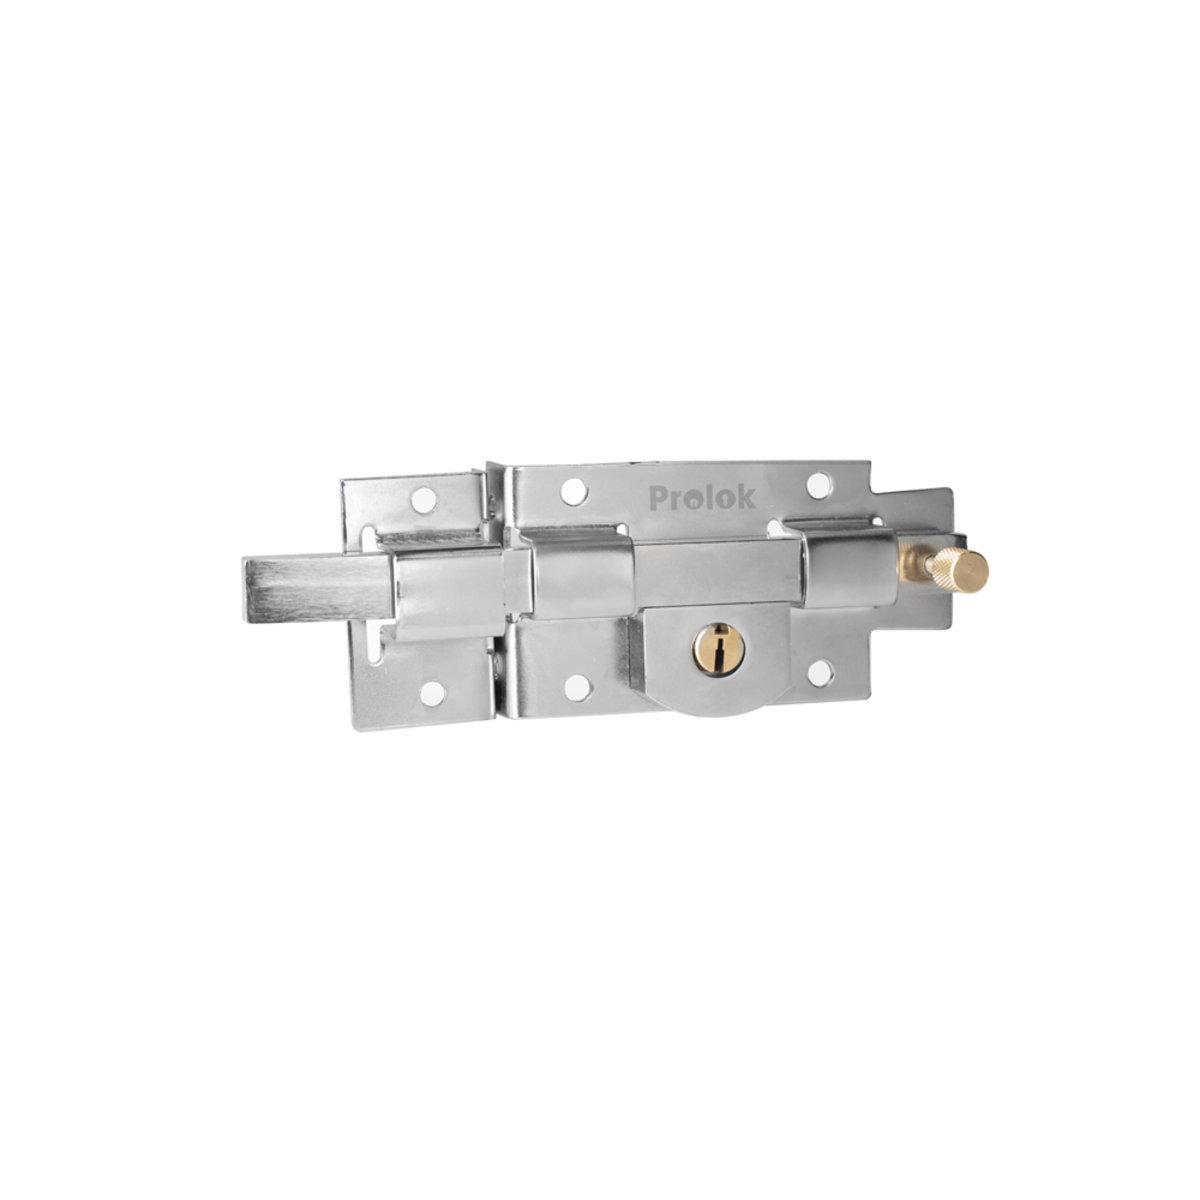 Cerradura barra libre derecha Soldable o Atornillable Prolok